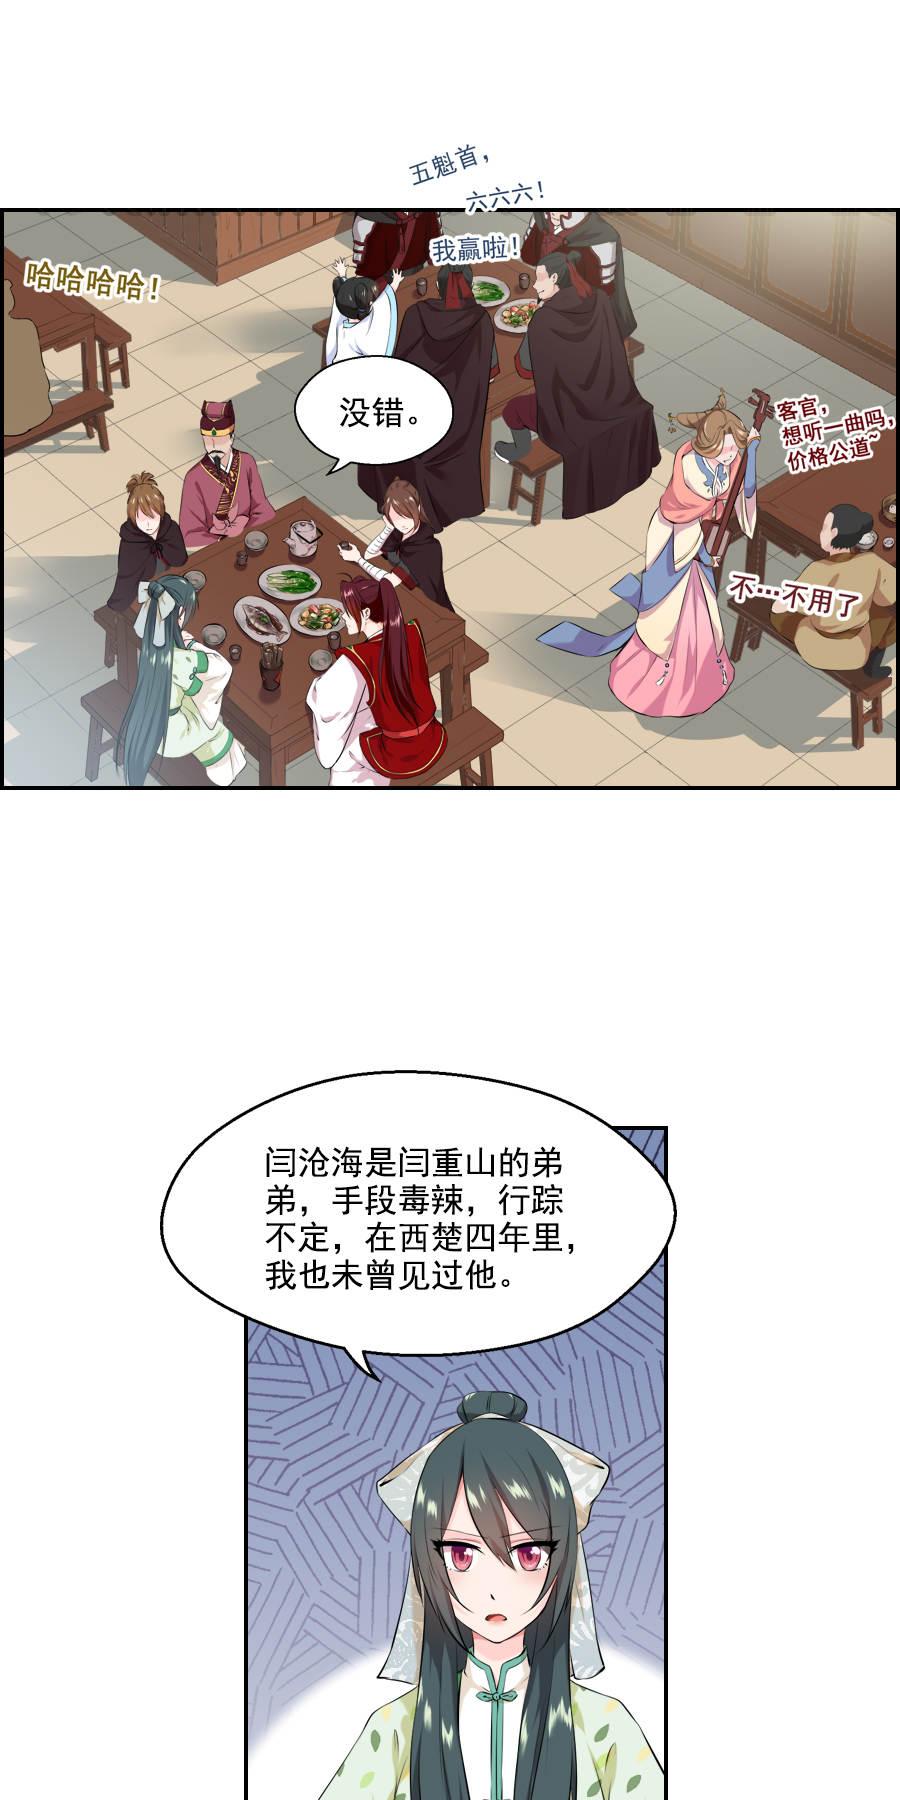 盛世帝王妃第27话  吃蟹蟹  + 时尚教主活动 第 14